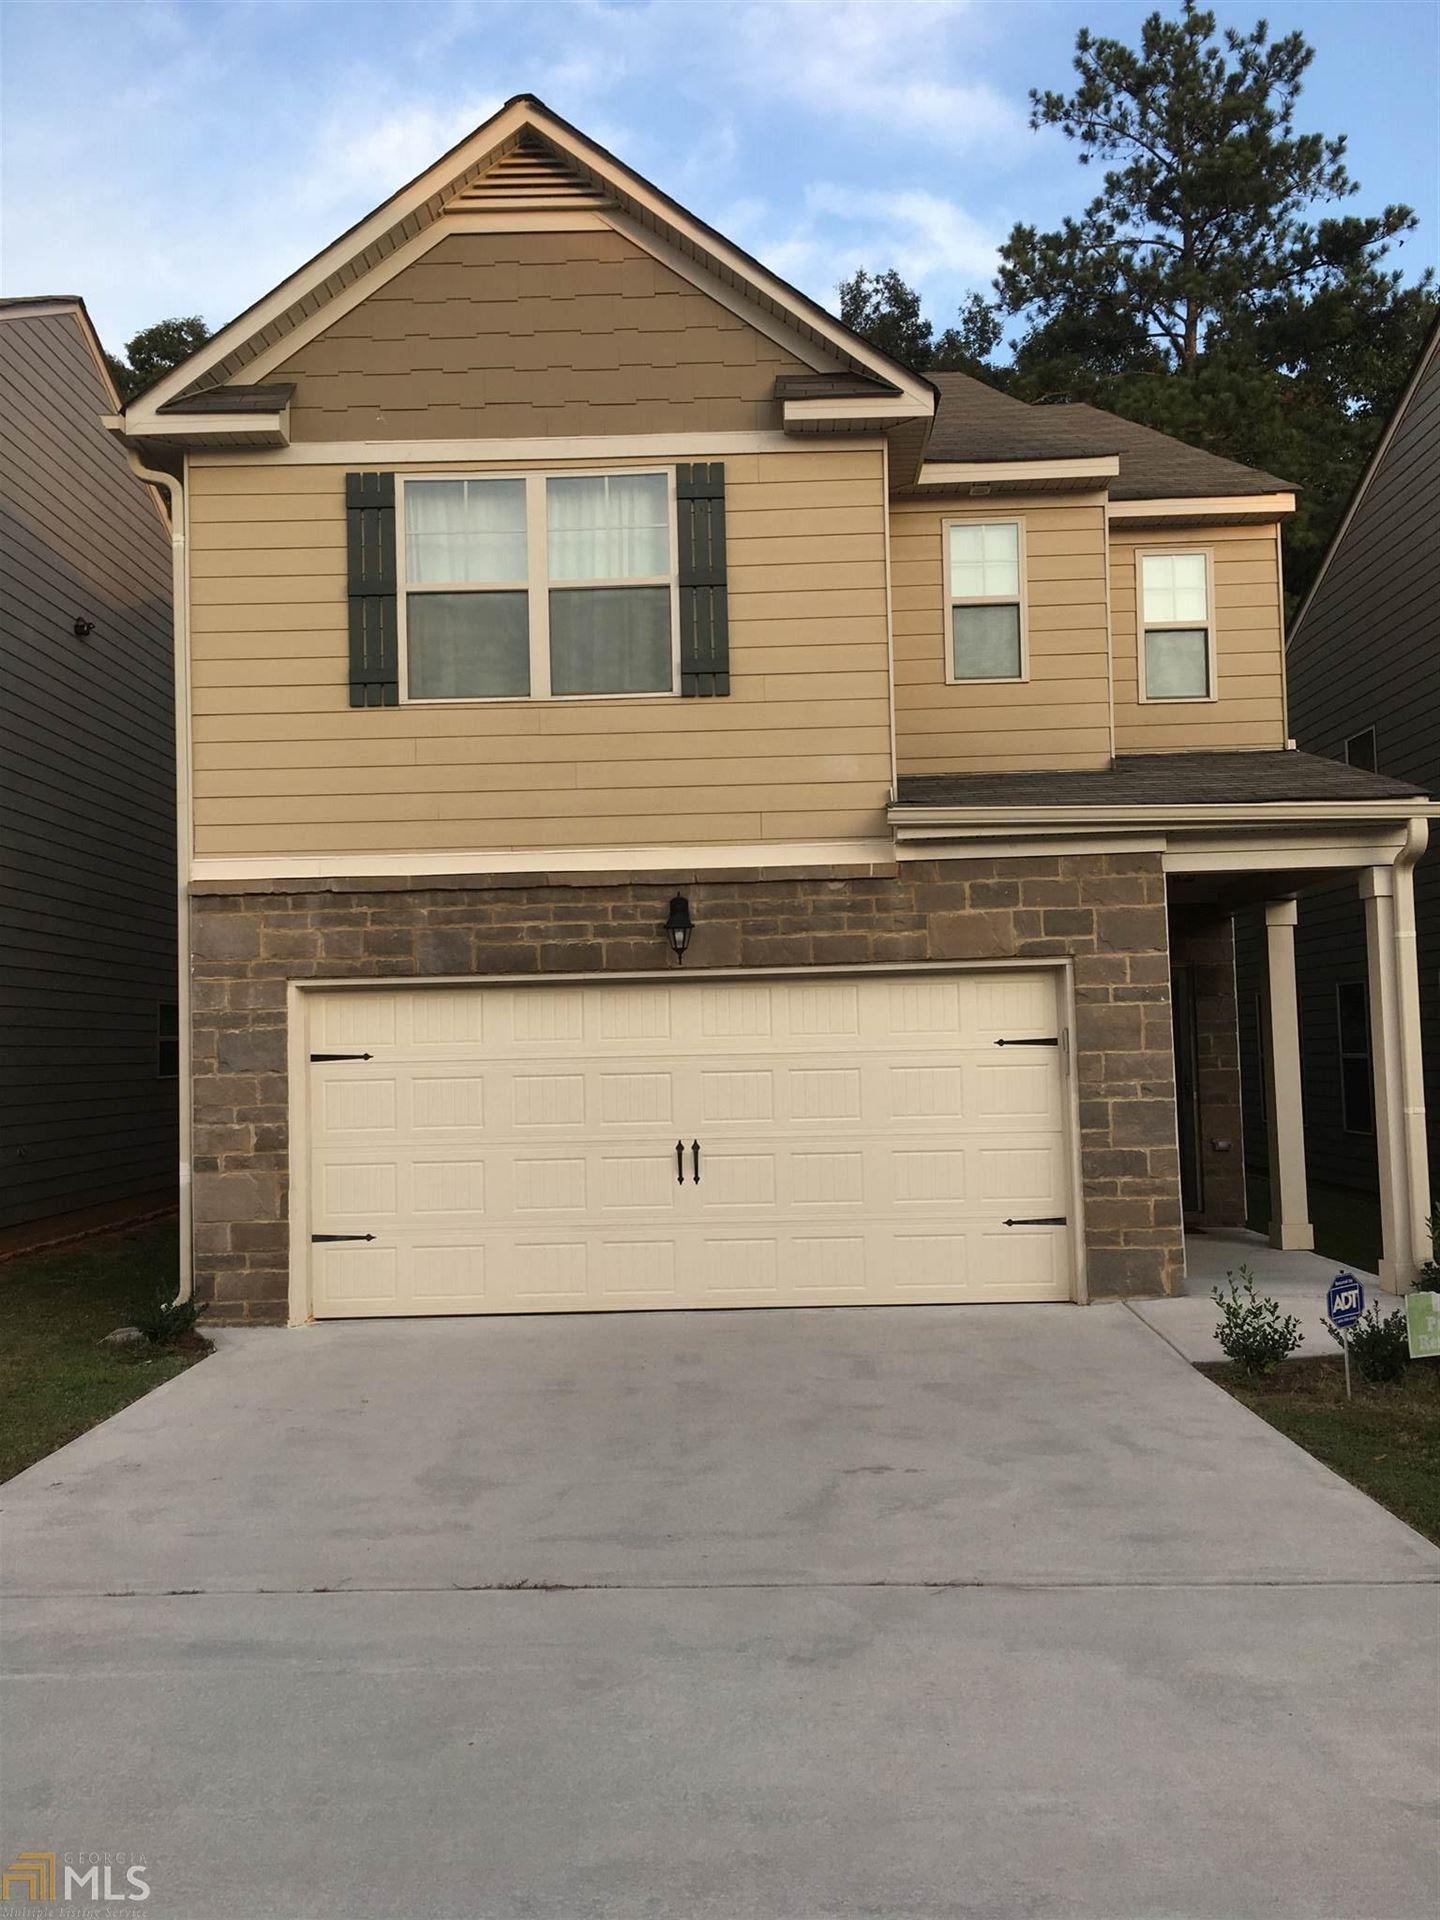 2429 Sw Capella Cir, Atlanta, GA 30331 - MLS#: 8859298